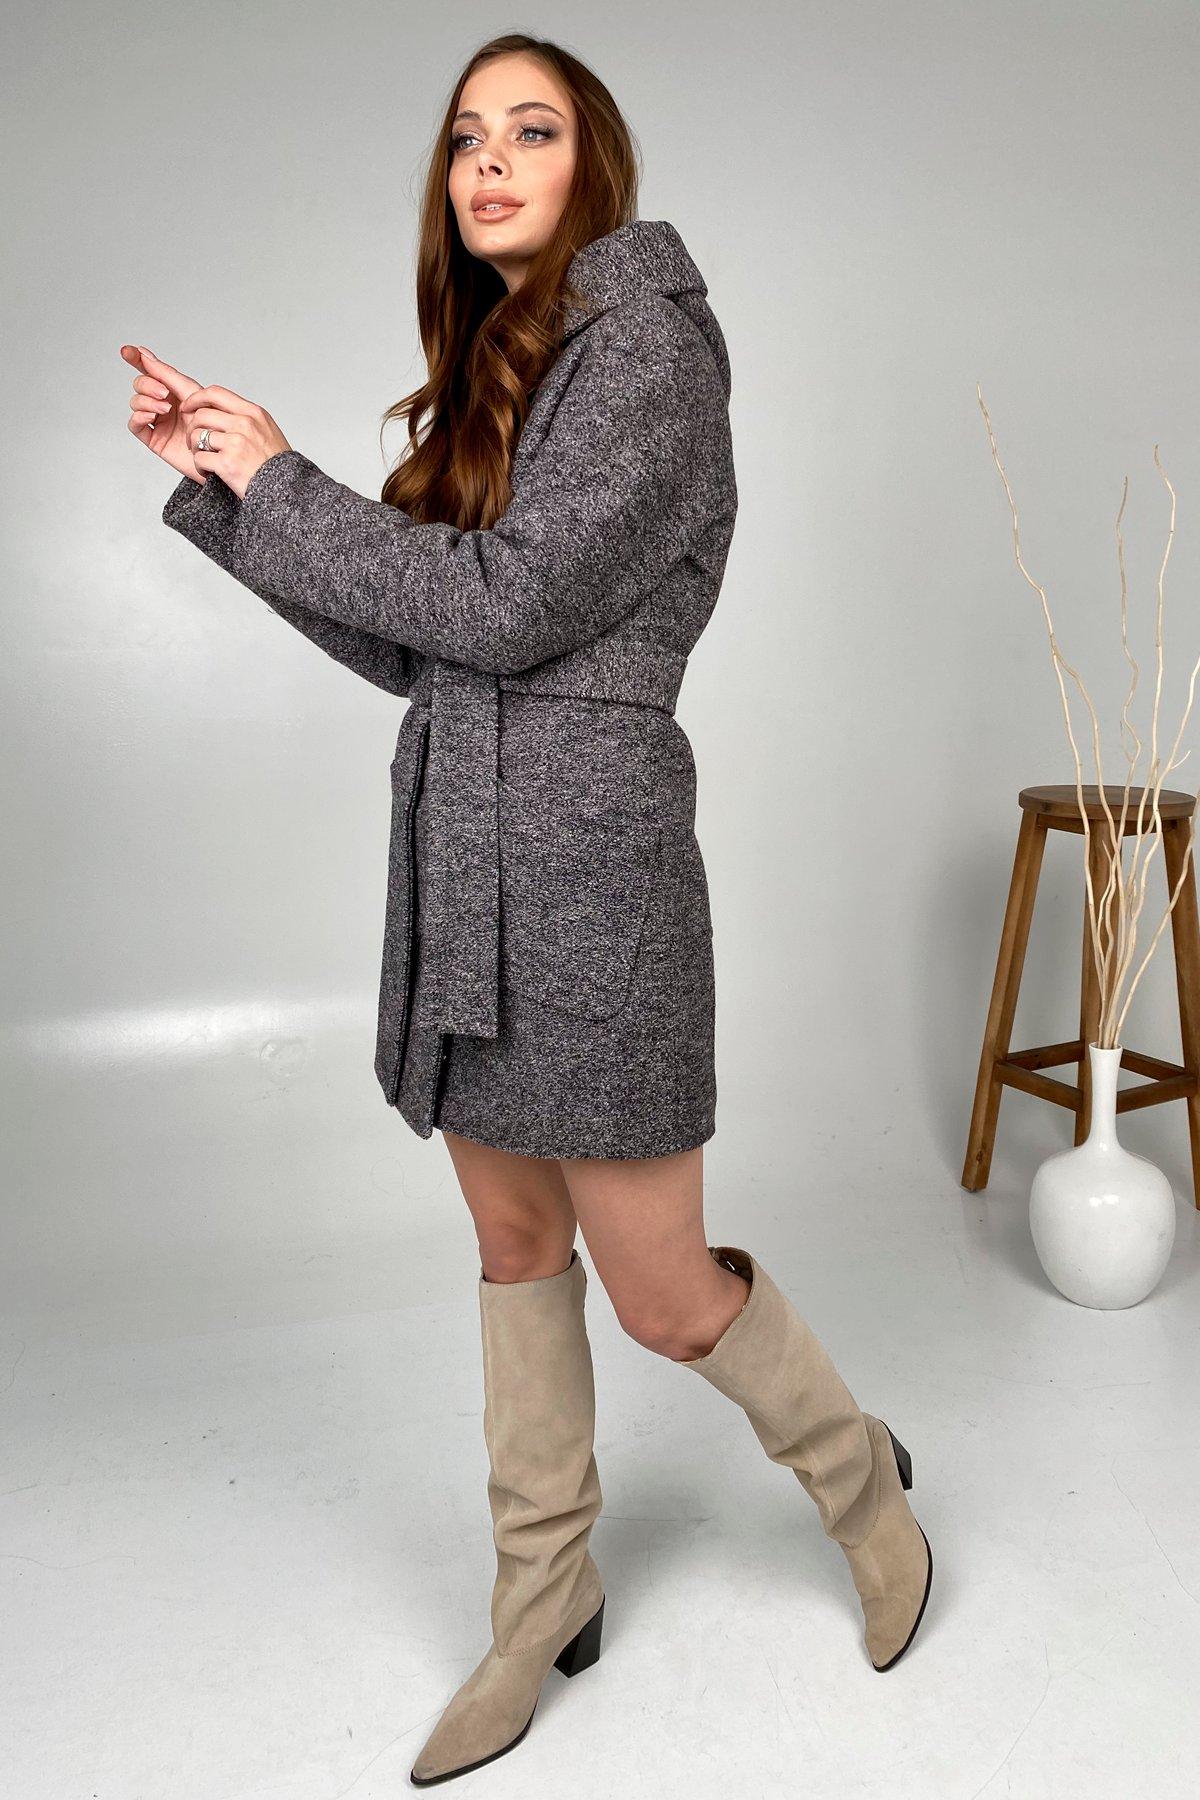 Анита шерсть варенка зима без меха пальто 9936 АРТ. 46221 Цвет: Черный/розовый 19 - фото 3, интернет магазин tm-modus.ru